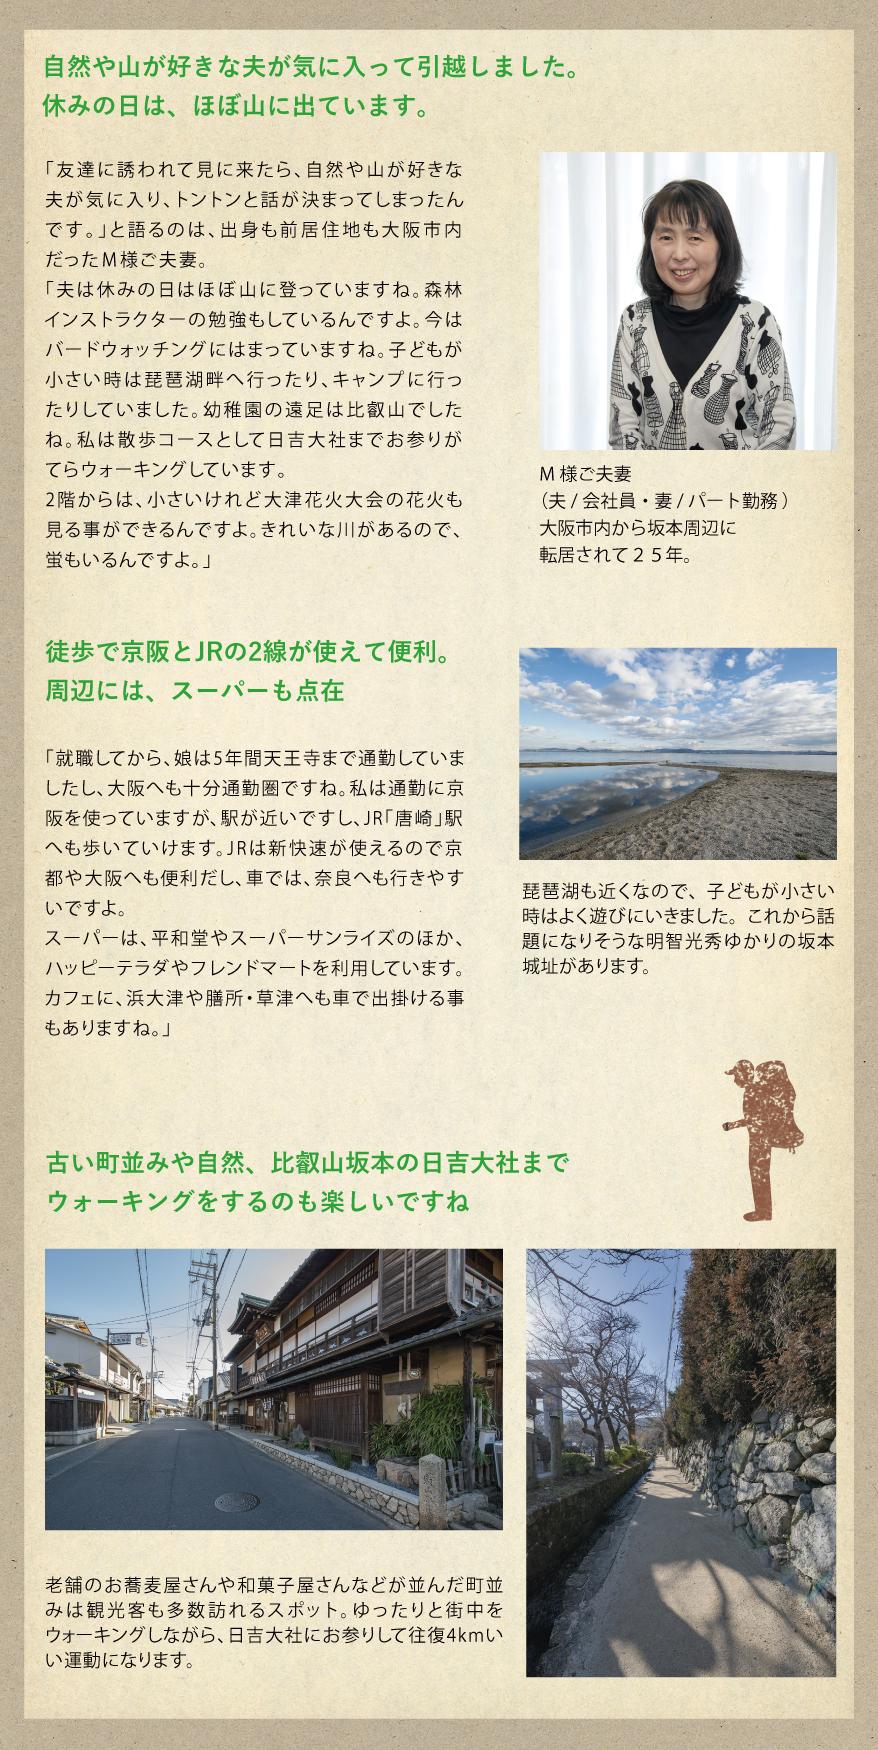 大津市土地「グリーンパーク下阪本」コンセプト3住み心地インタビュー